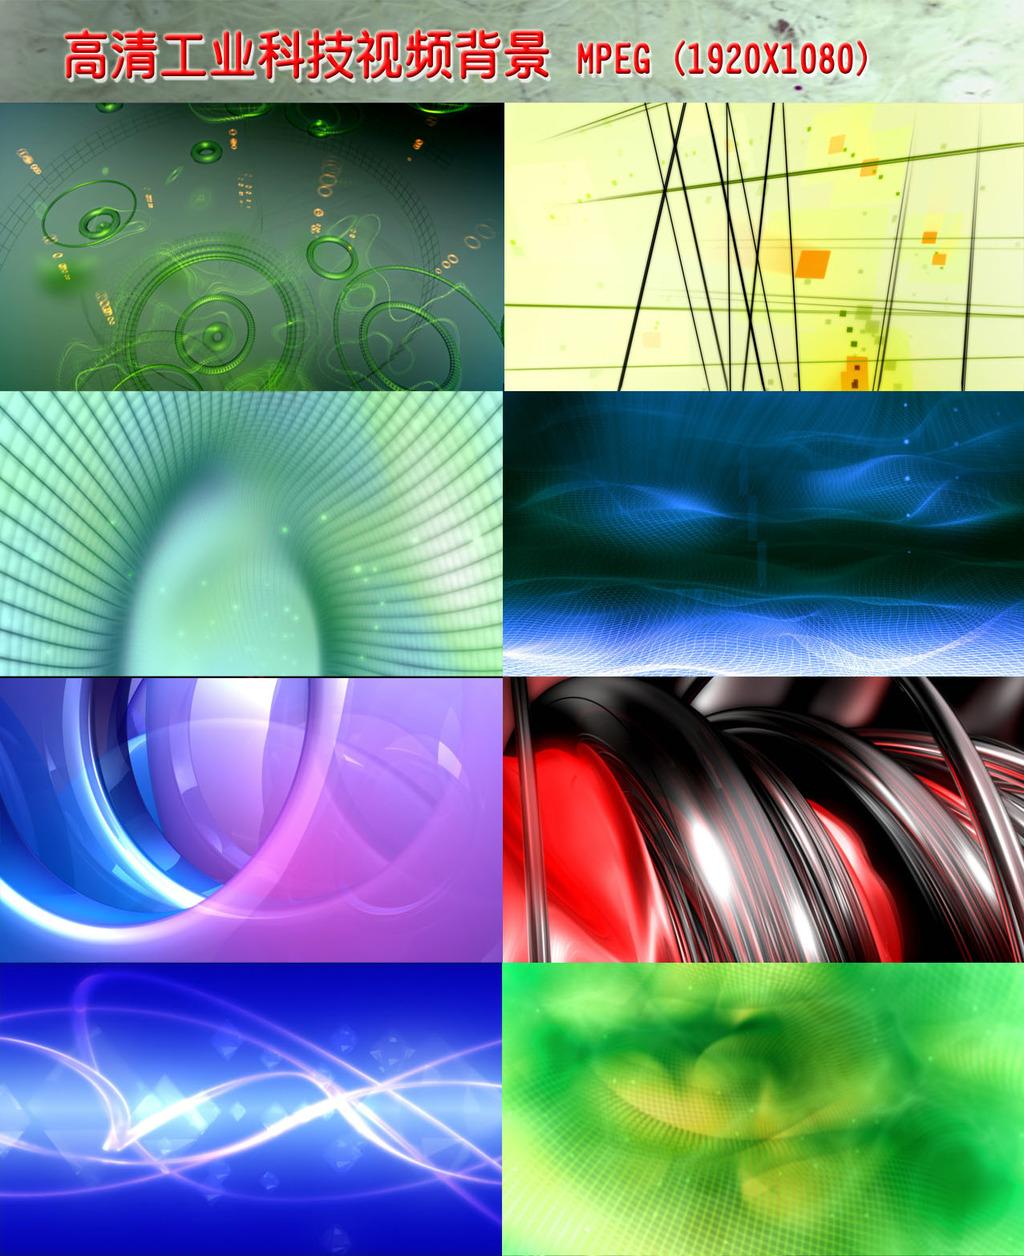 高清工业科技led视频背景素材模板下载(图片编号:)